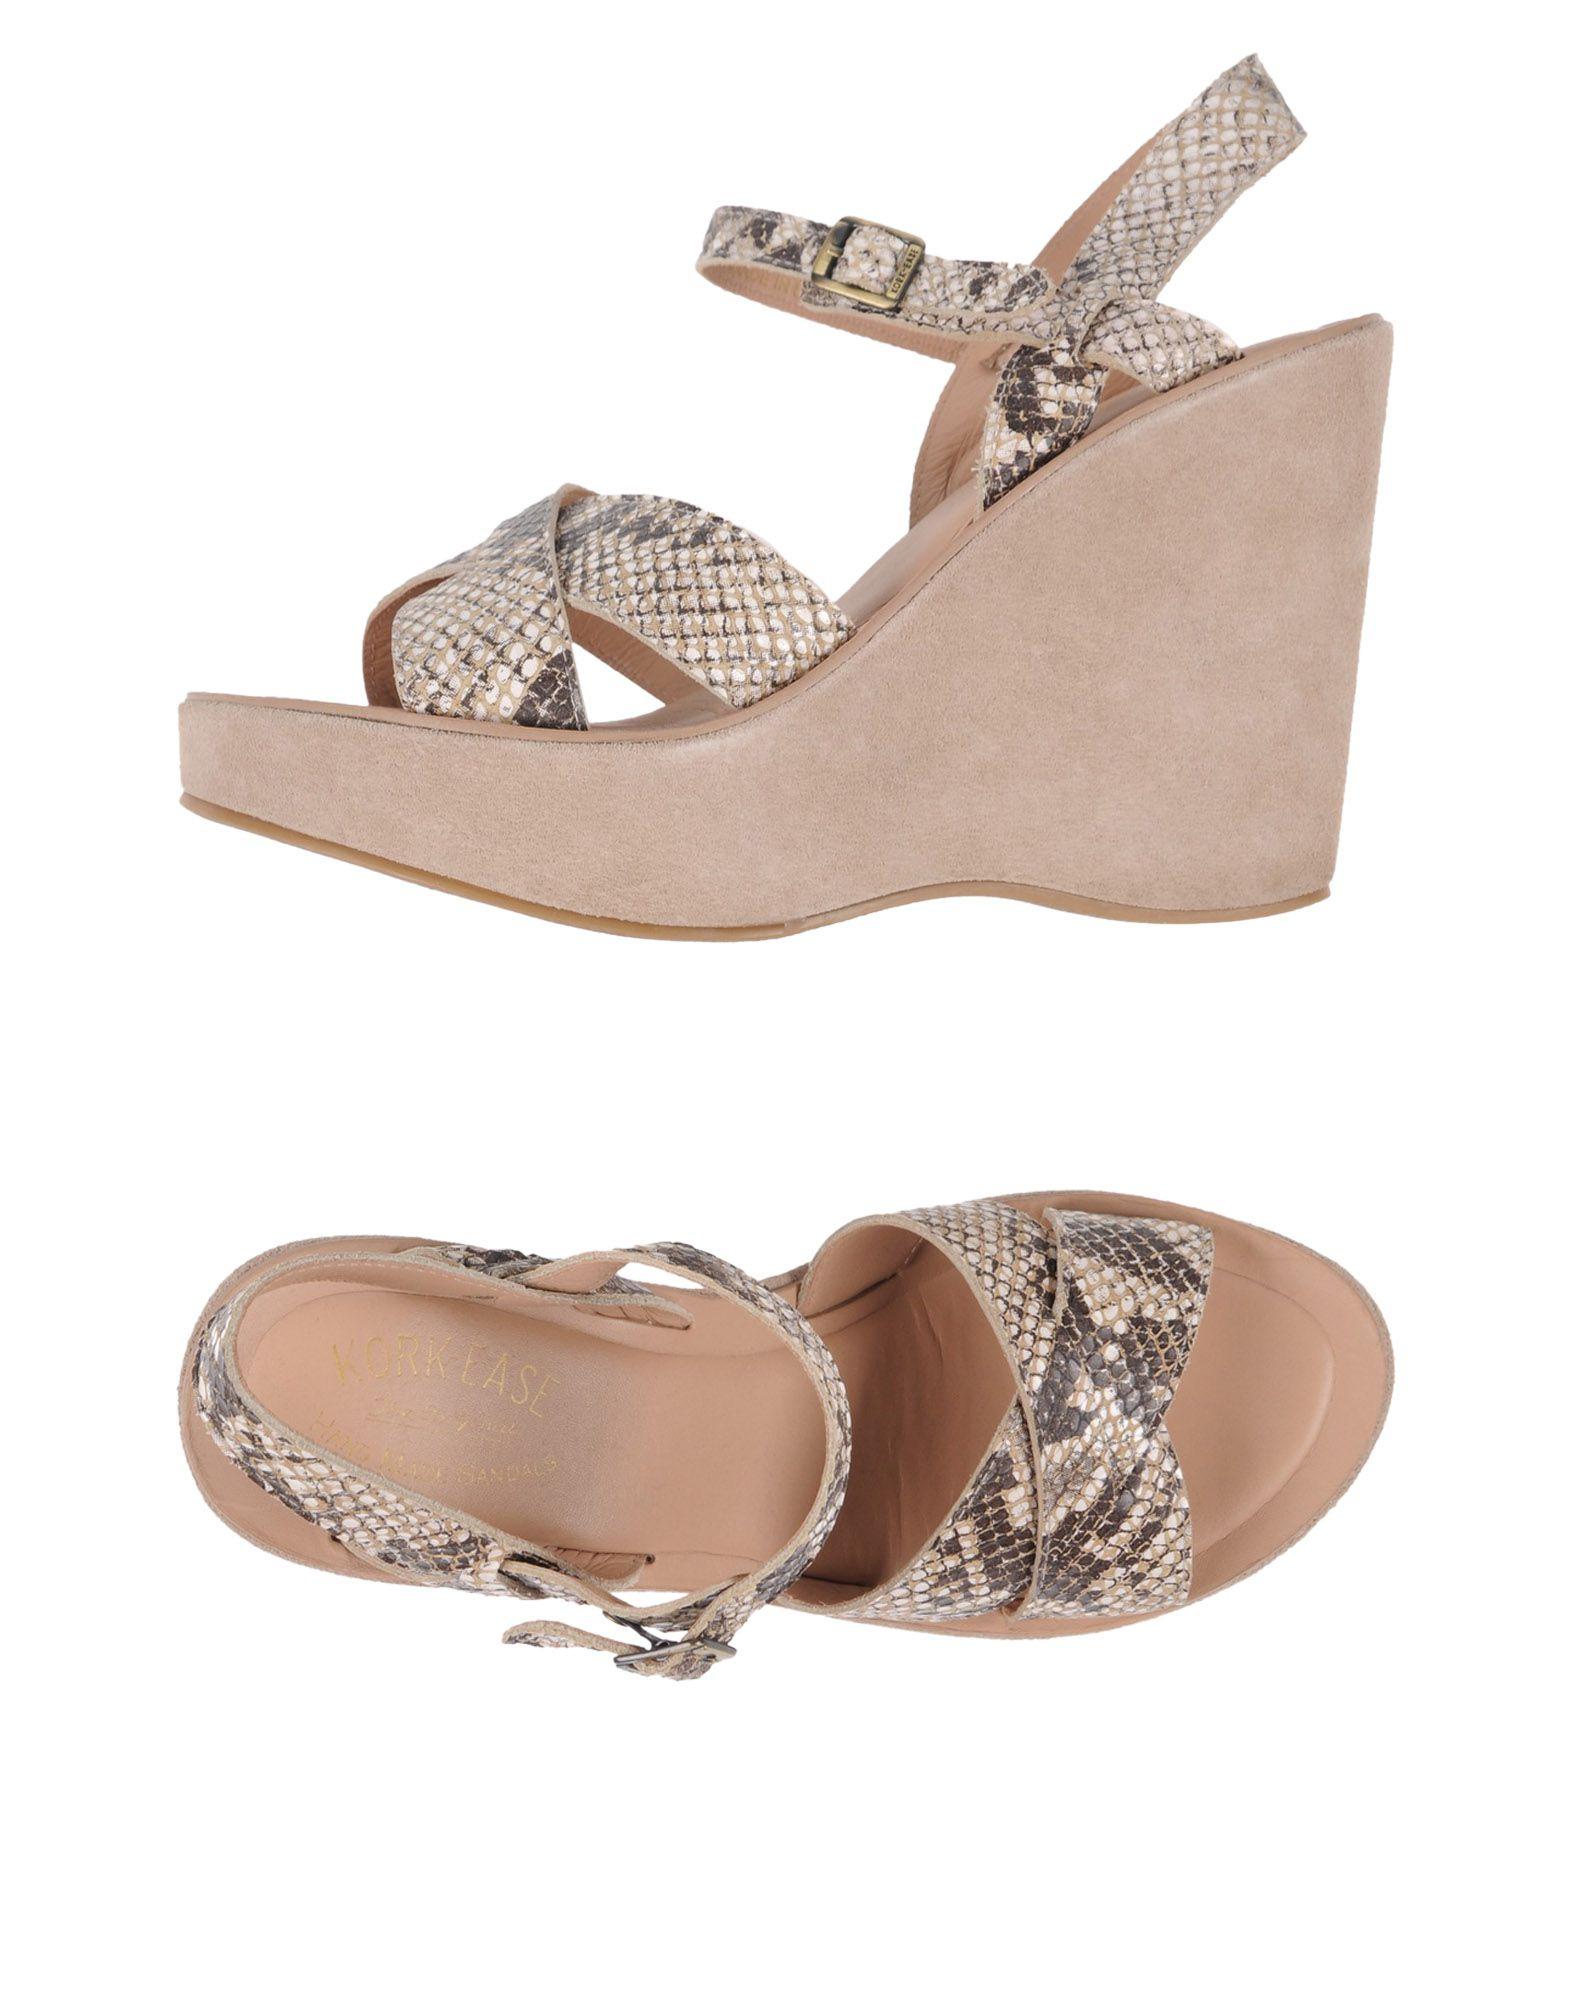 KORK-EASE Sandals in Khaki